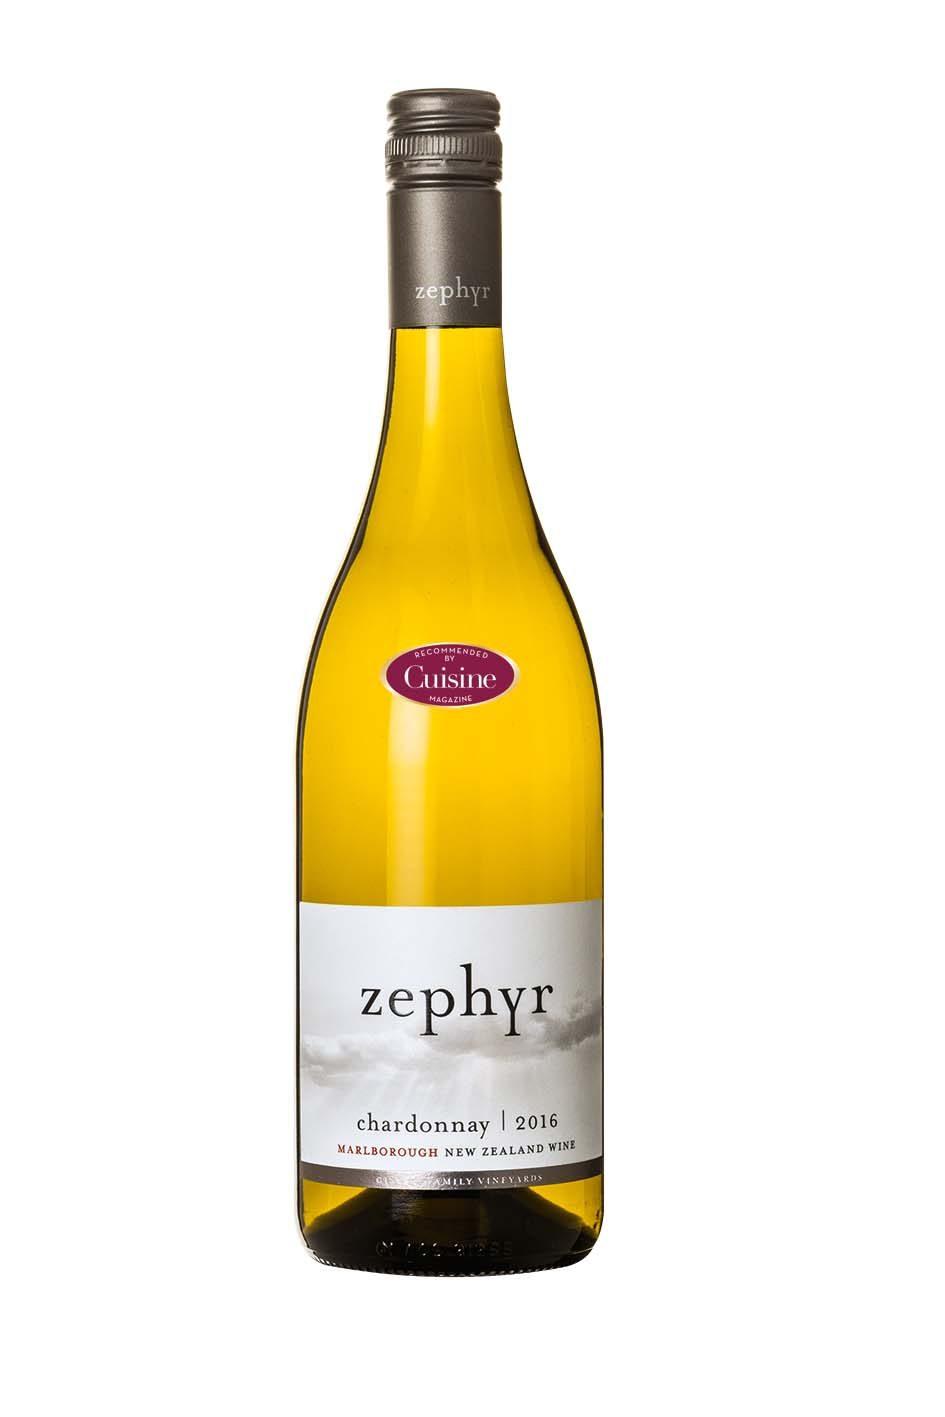 Zephyr Marlborough Chardonnay 2016